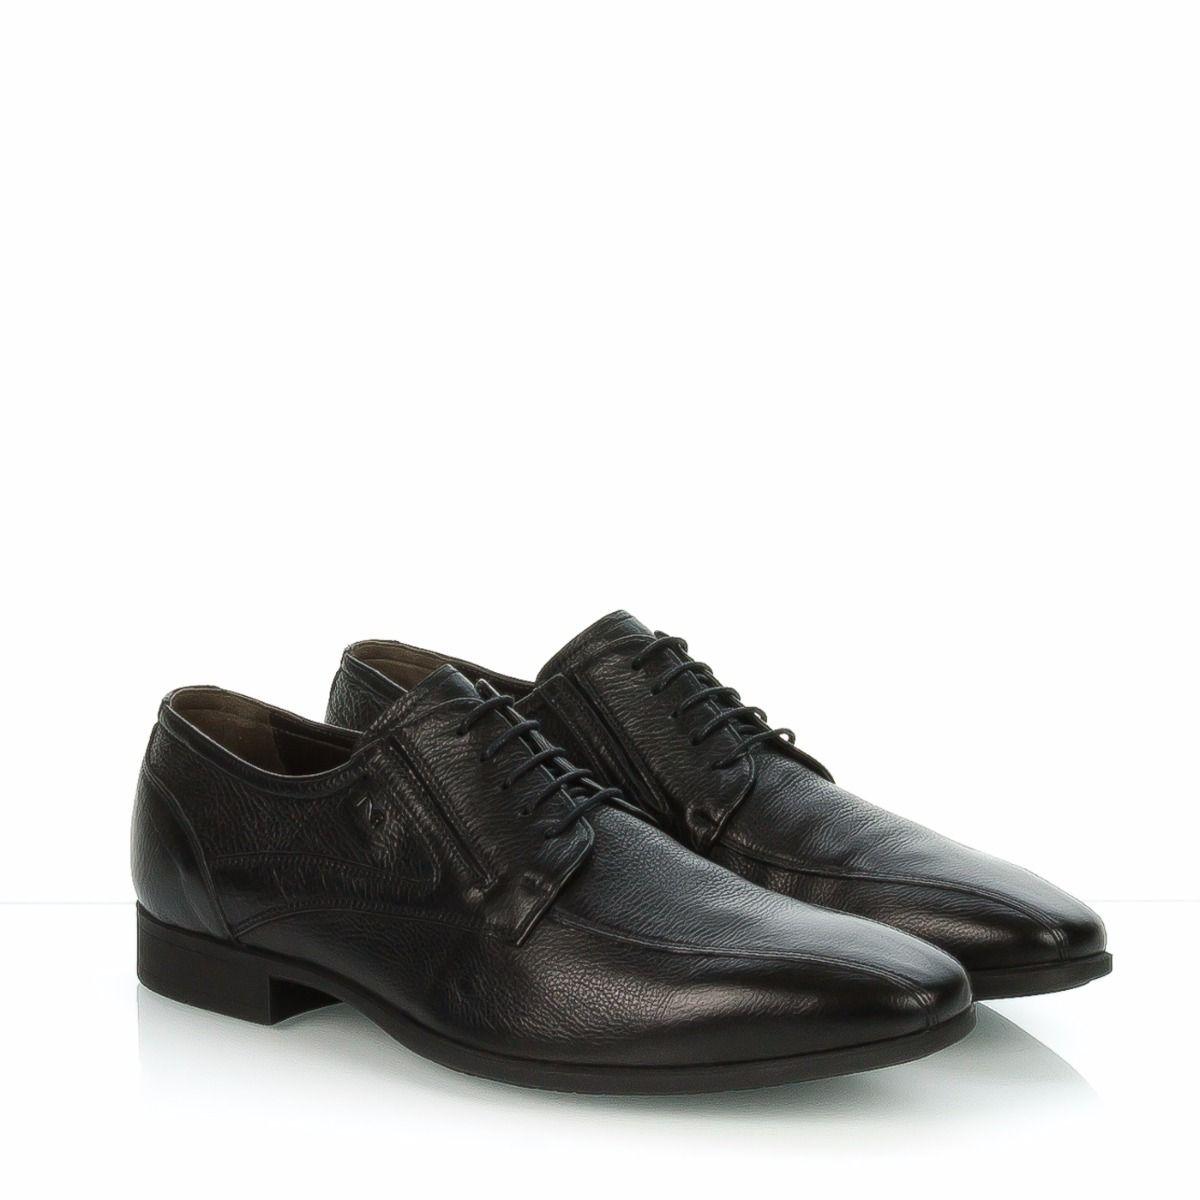 Nero giardini scarpa stringata uomo a705210u pelle nero classica elegante spedizione gratuita - Scarpa uomo nero giardini ...